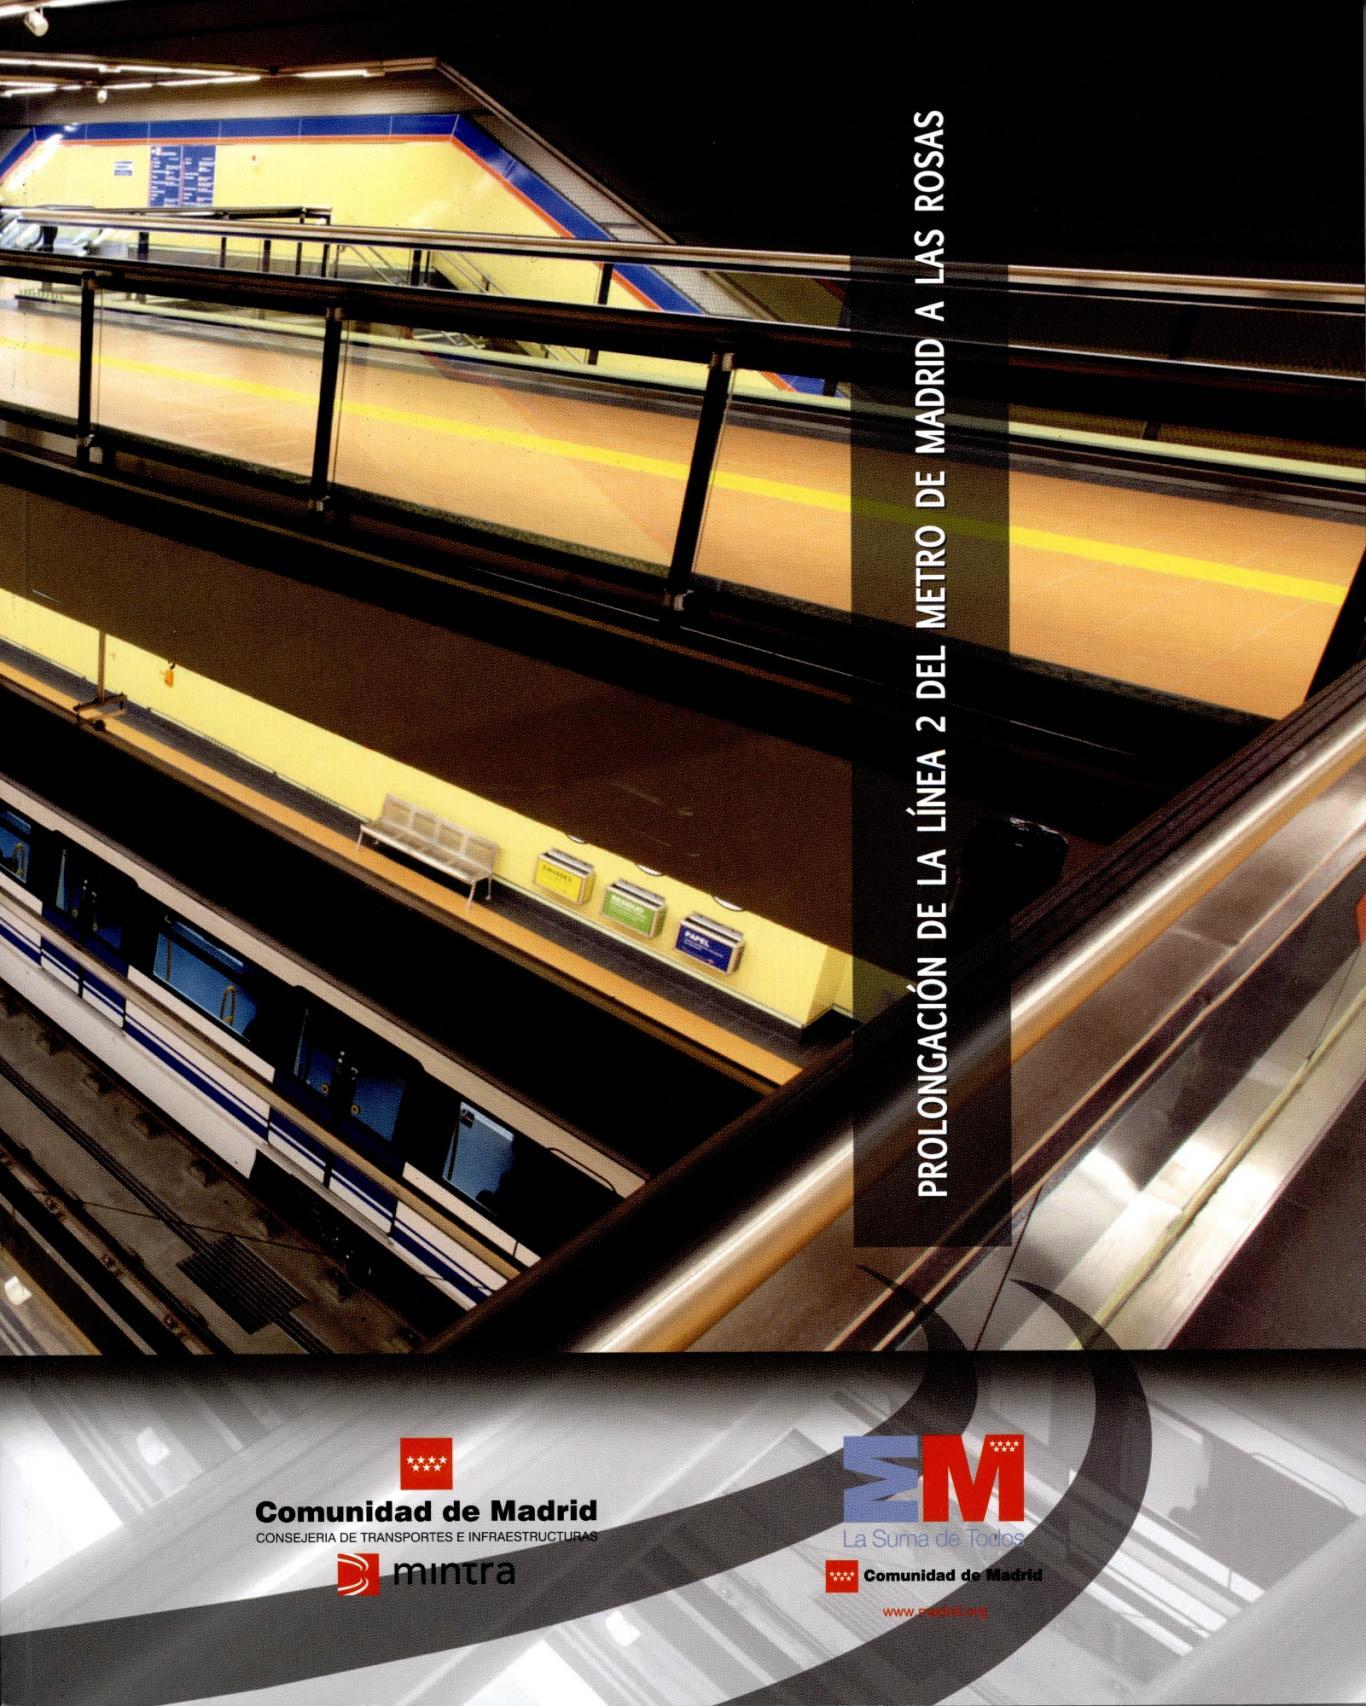 Portada del libro Prolongación de la Línea 2 del Metro